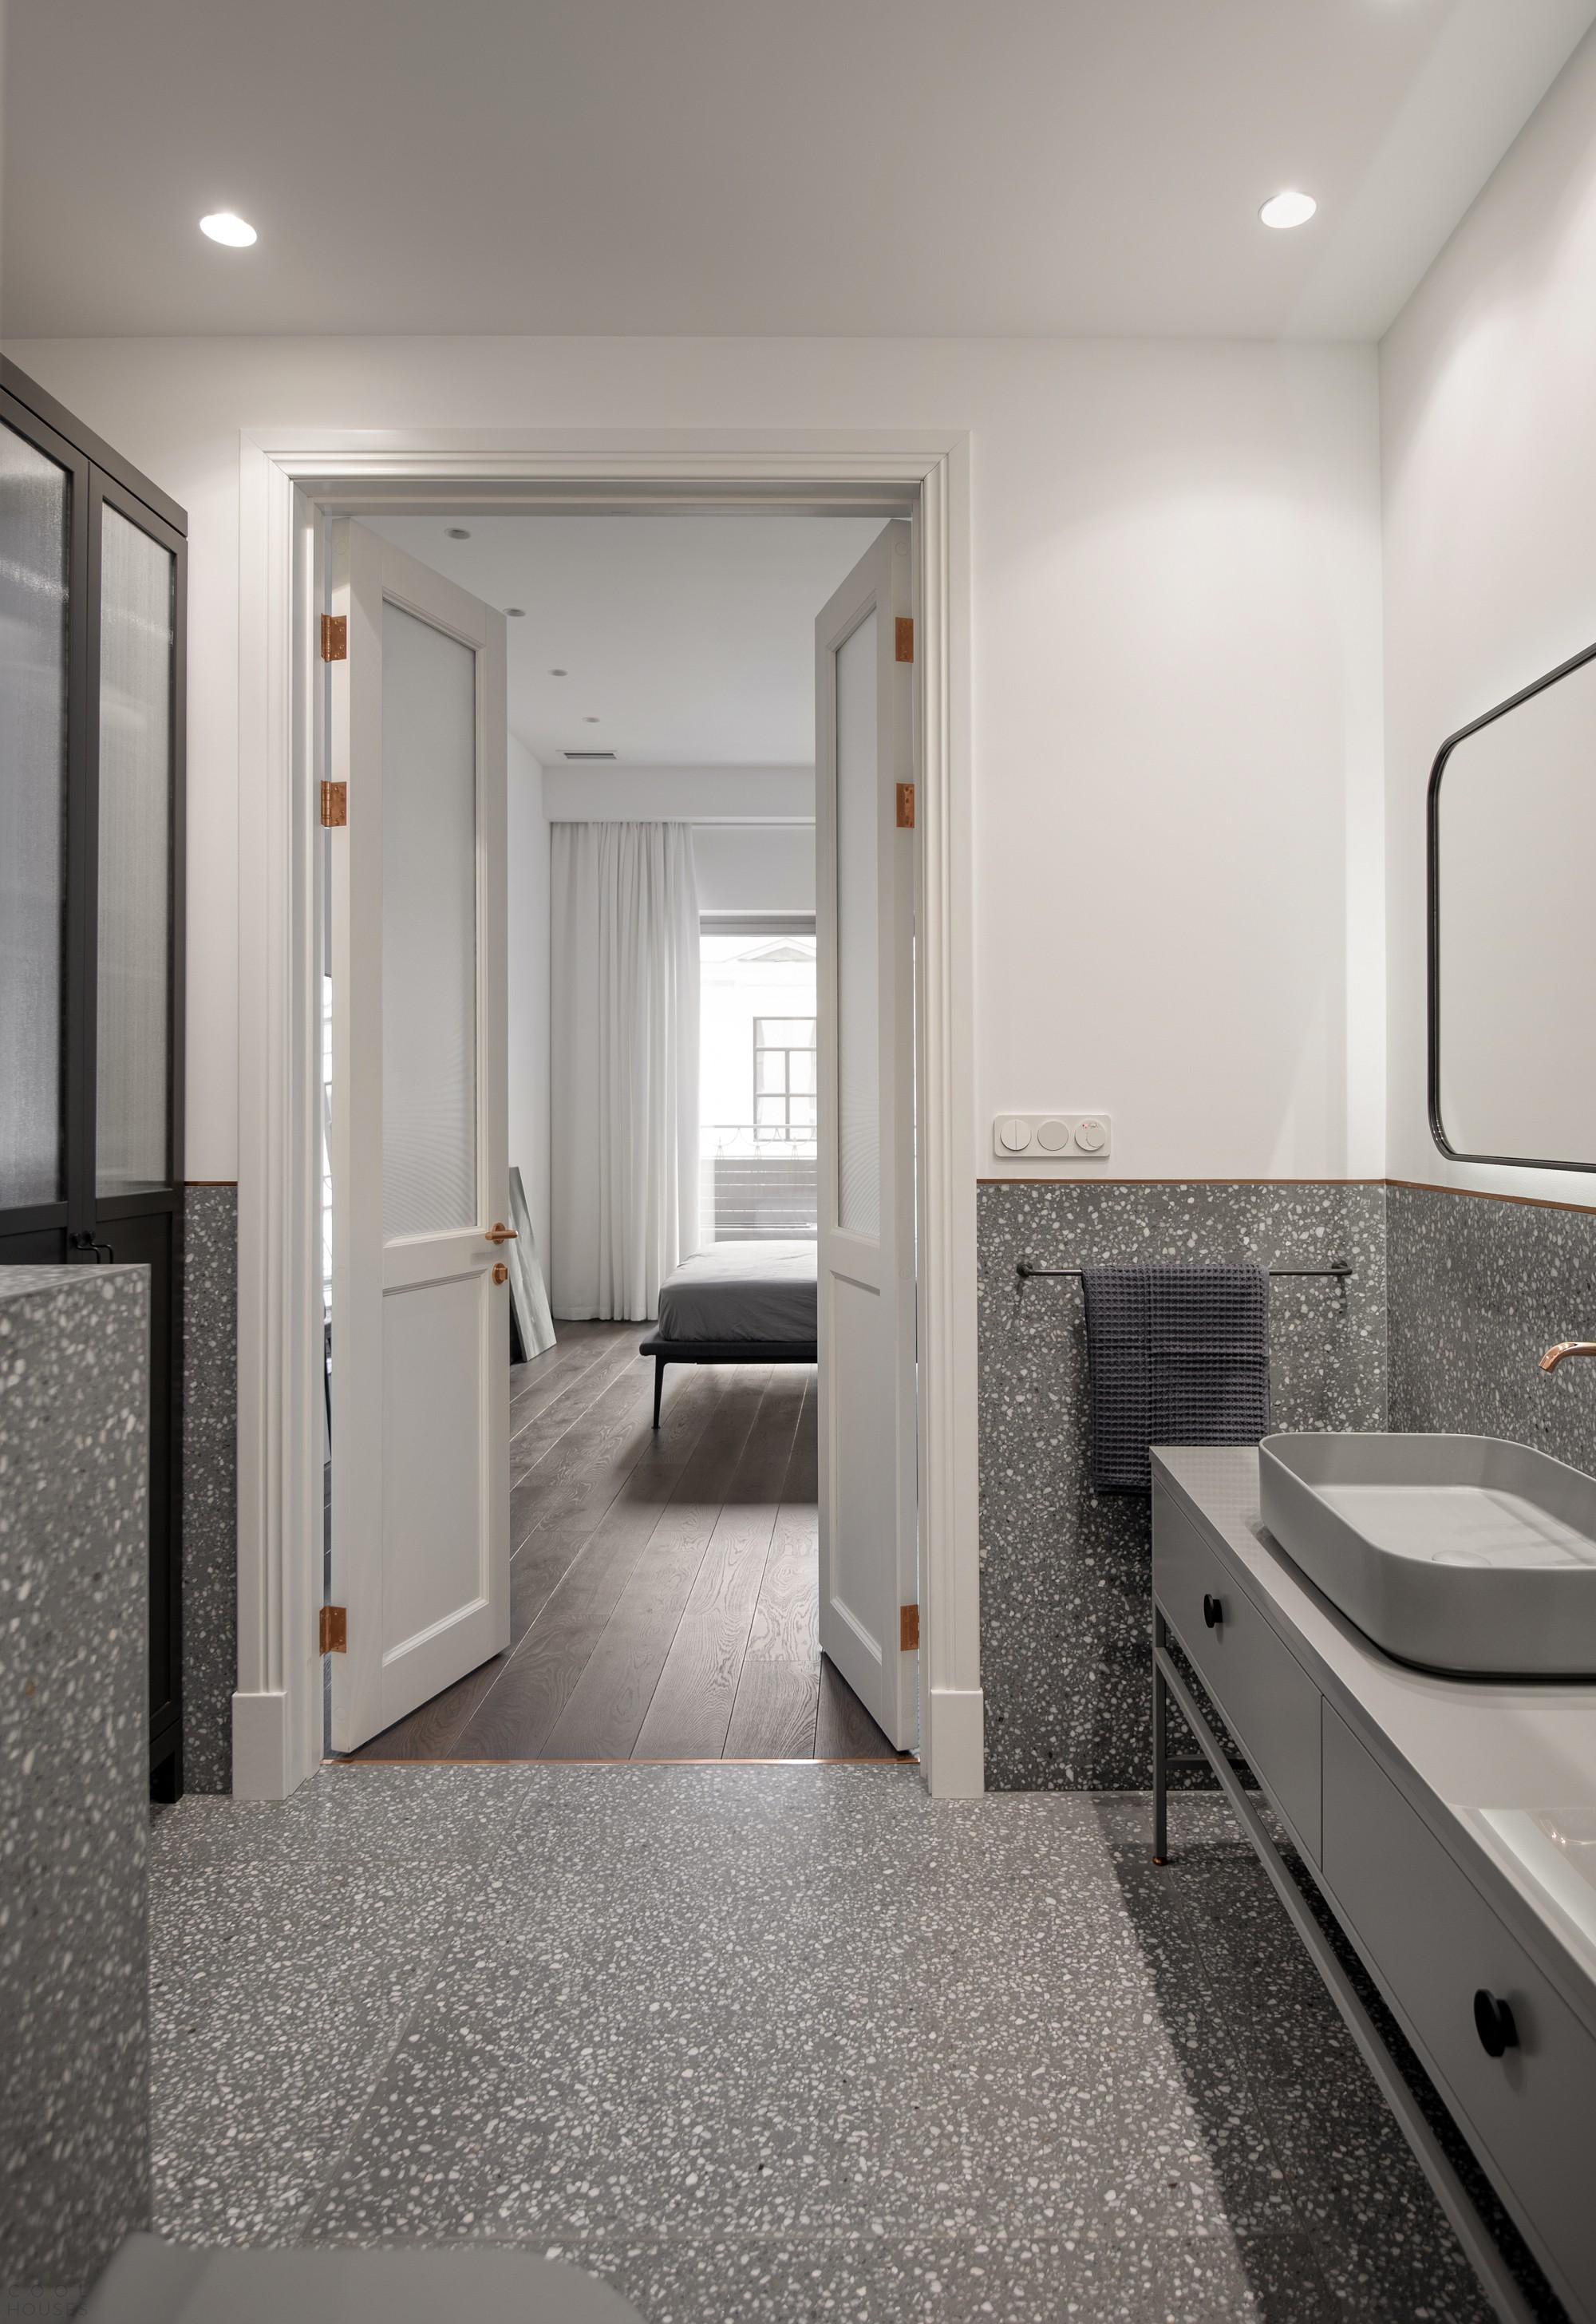 Минималистичная квартира с монохромным интерьером